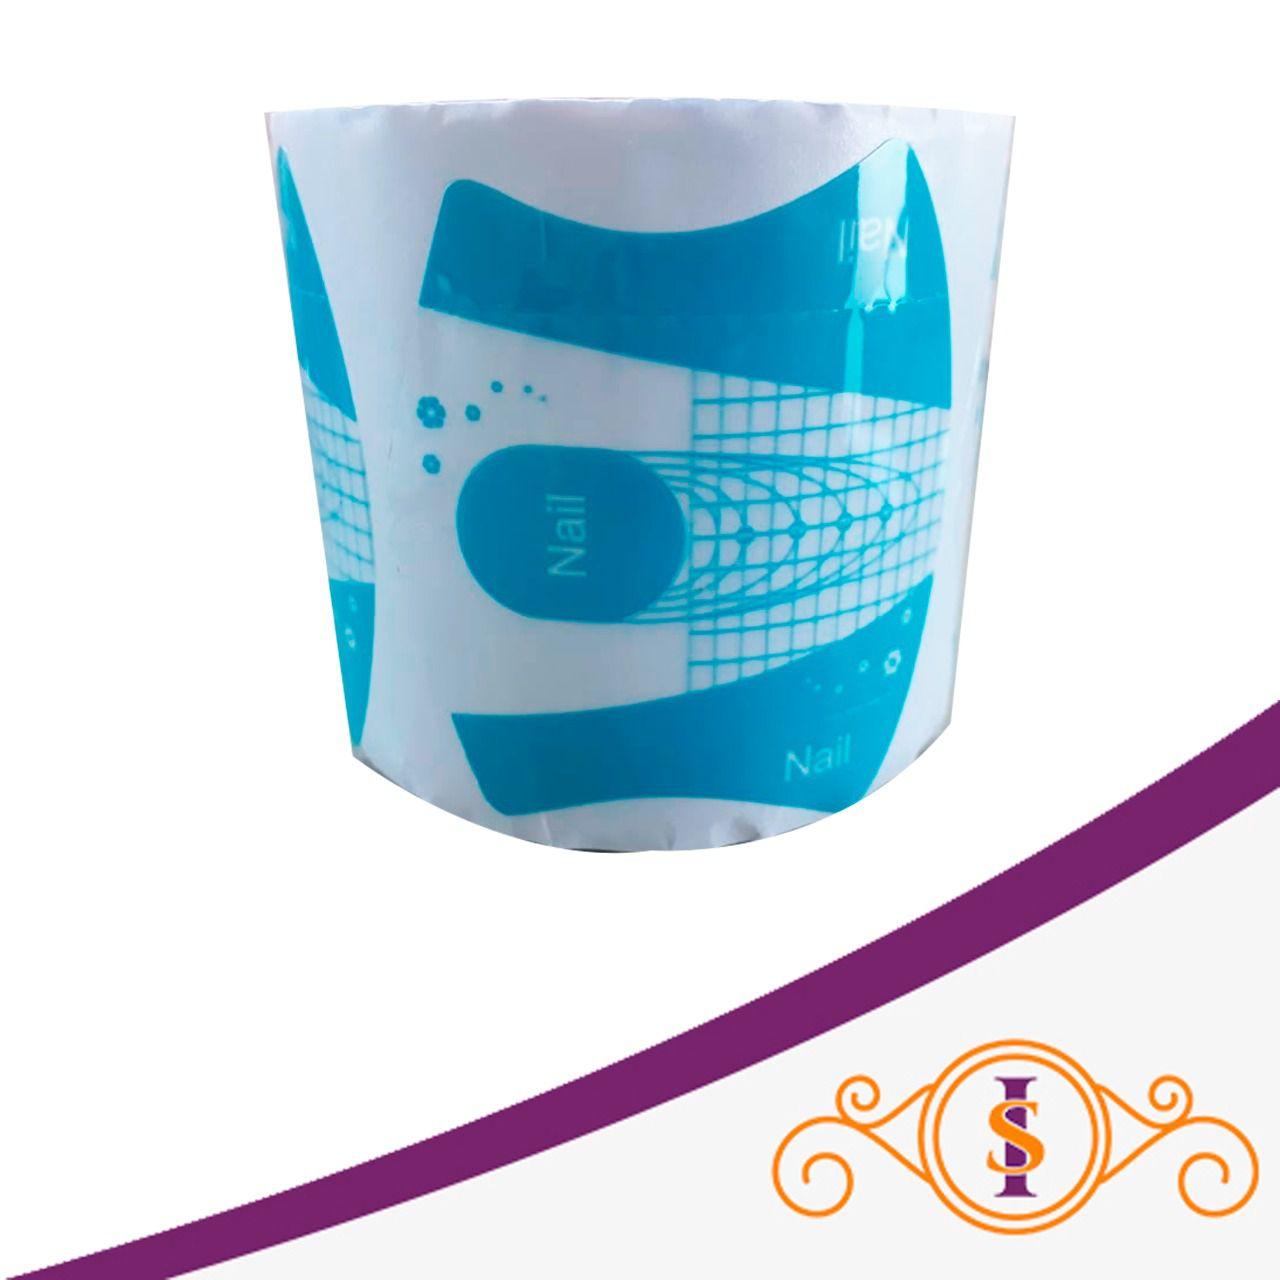 Molde de plástico azul - 500 unidades - Nail